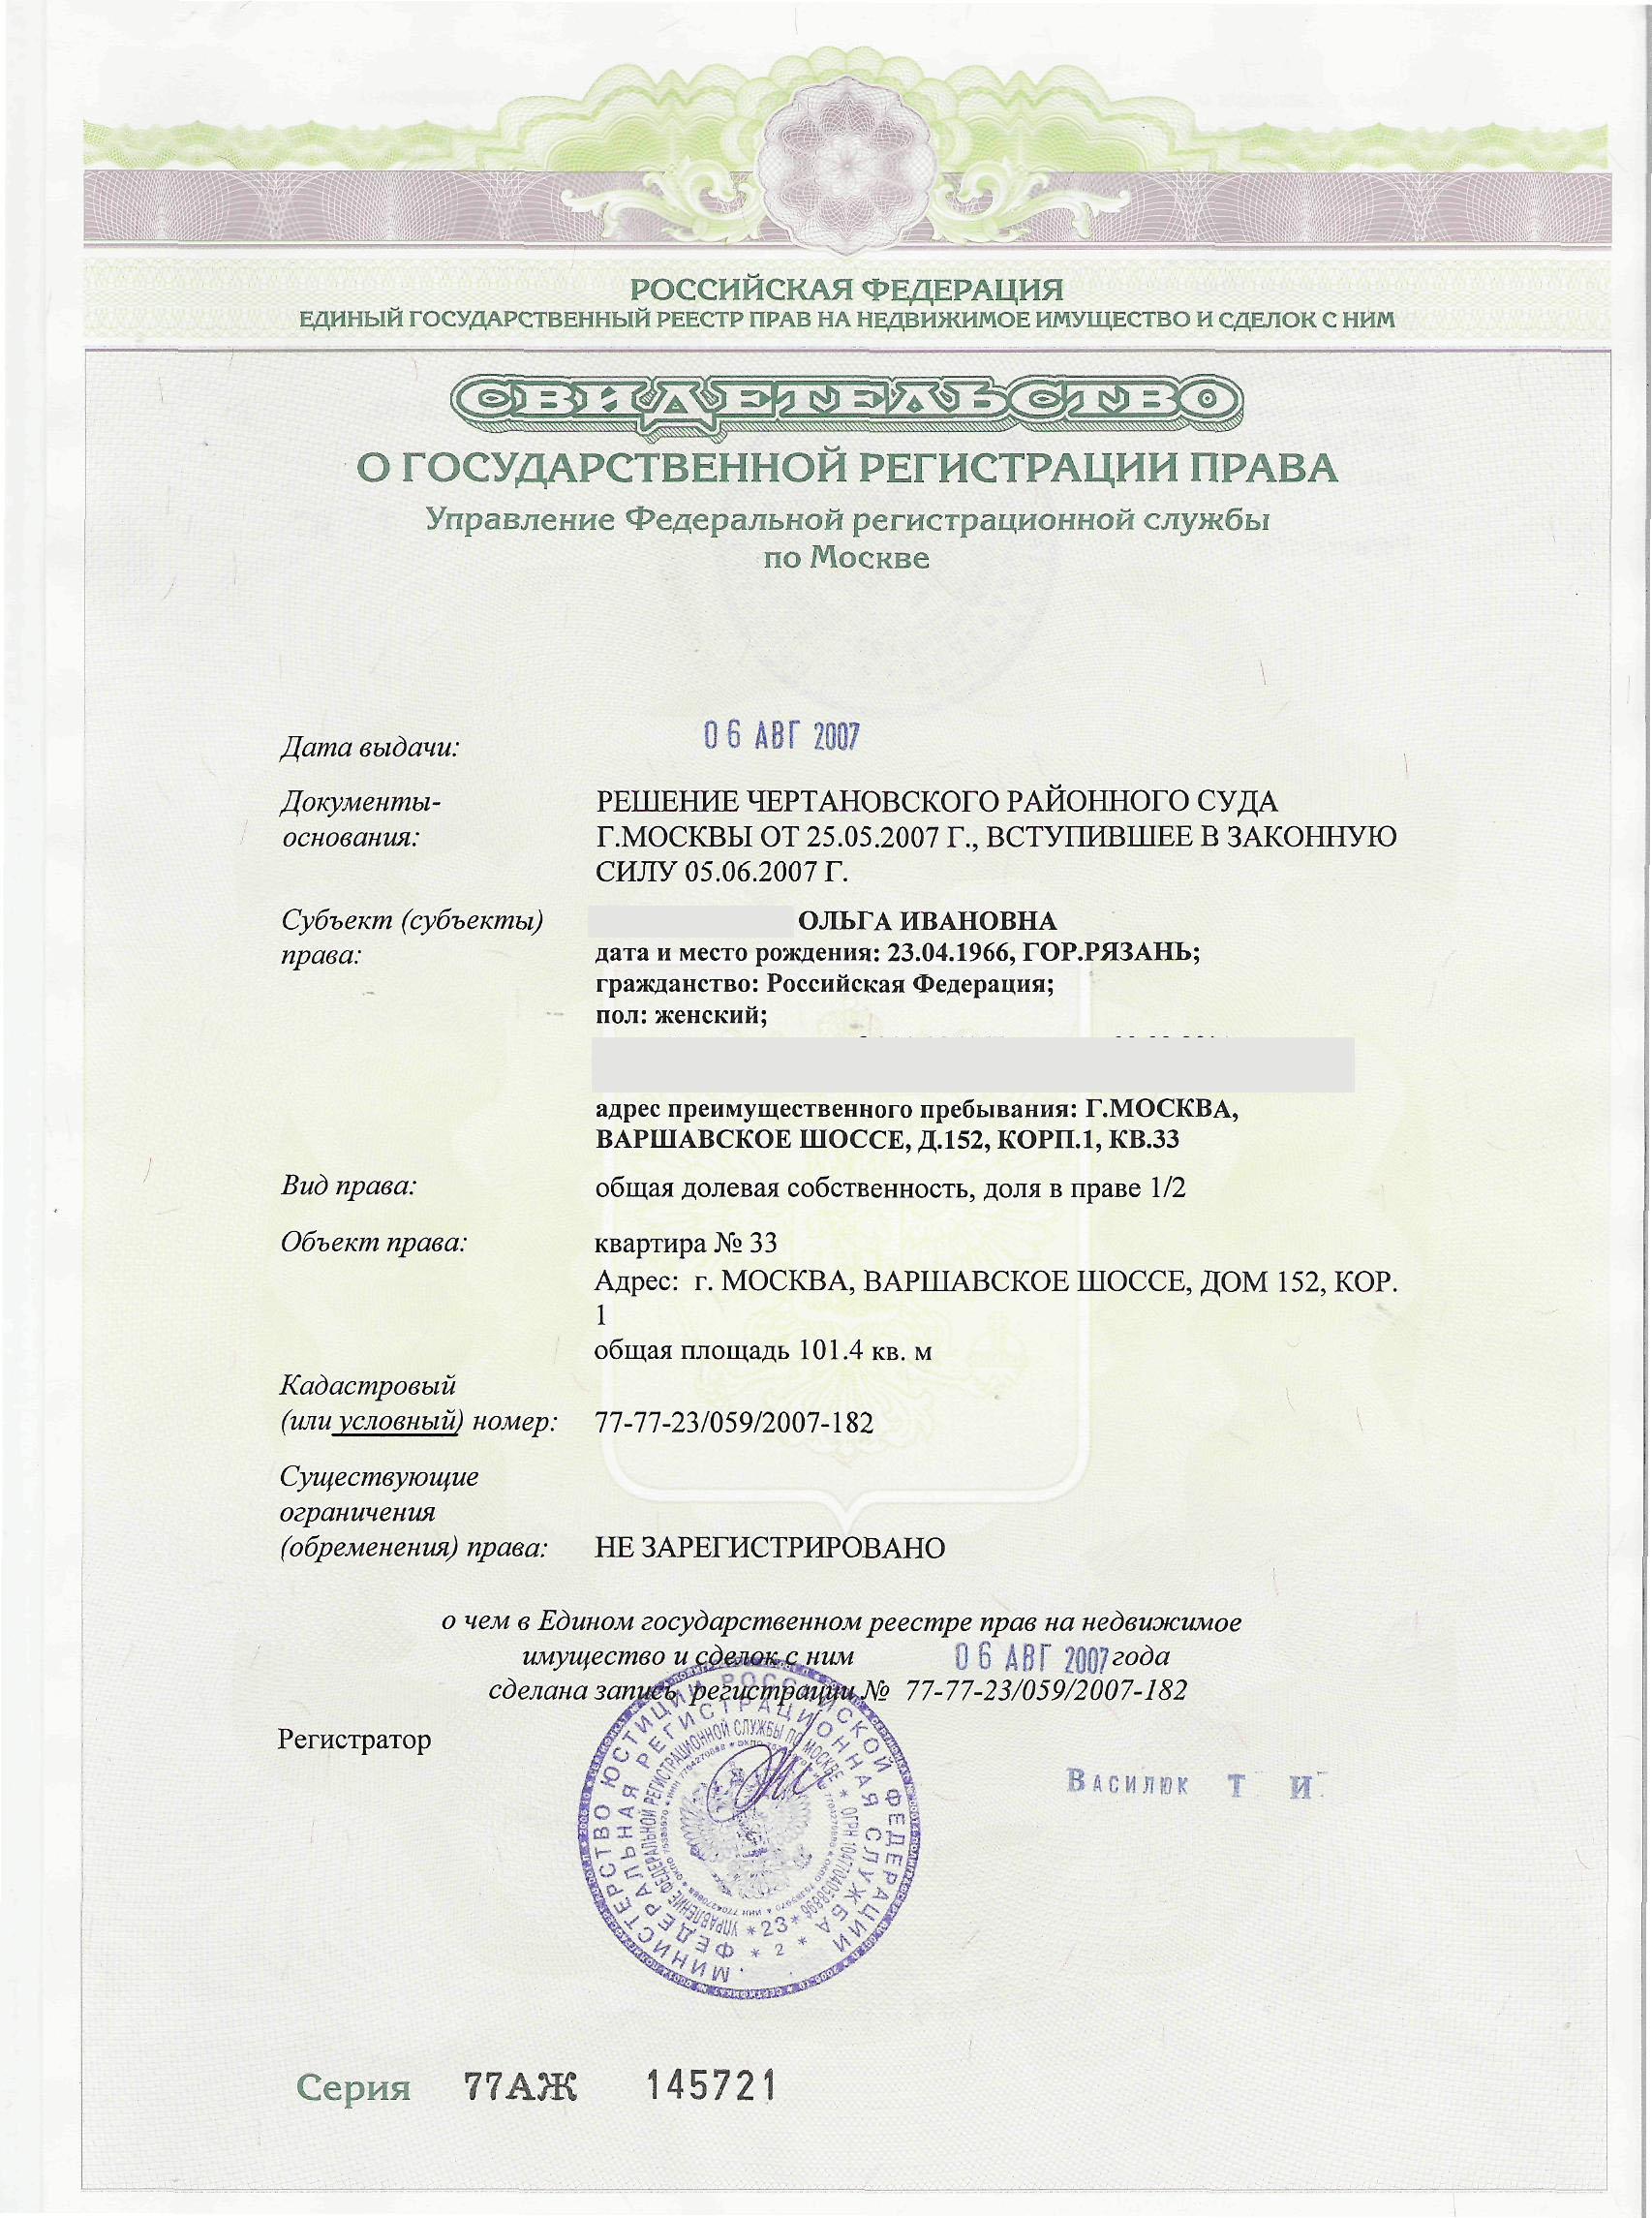 документы для оформления свидетельства о праве собственности на квартиру повернулся пульту